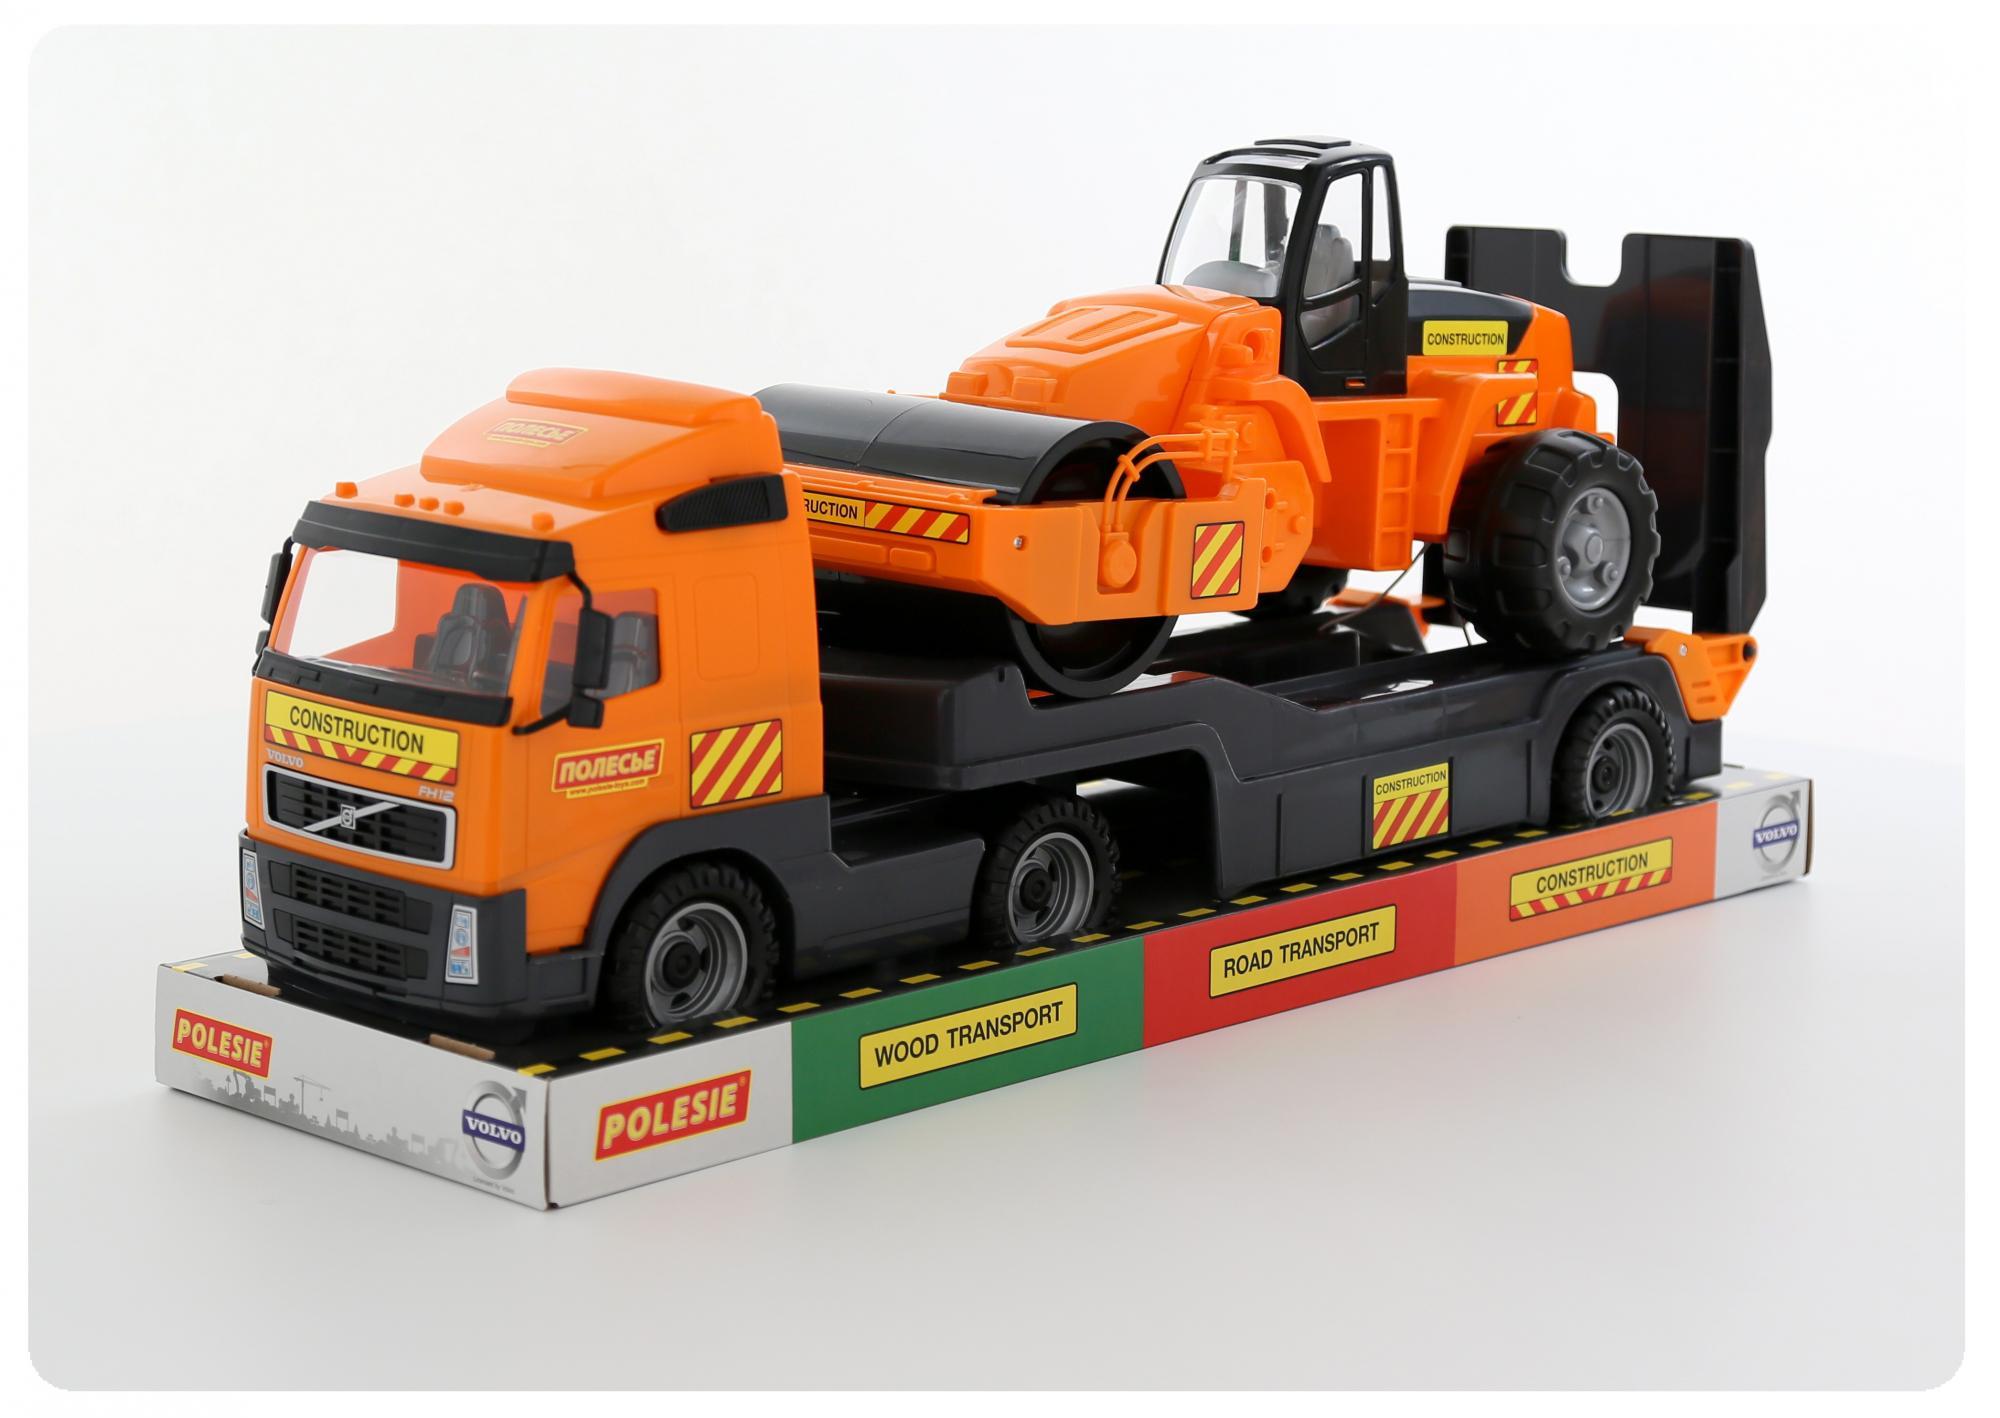 Автомобиль-трейлер Volvo и дорожный каток, в лоткеБетономешалки, строительная техника<br>Автомобиль-трейлер Volvo и дорожный каток, в лотке<br>